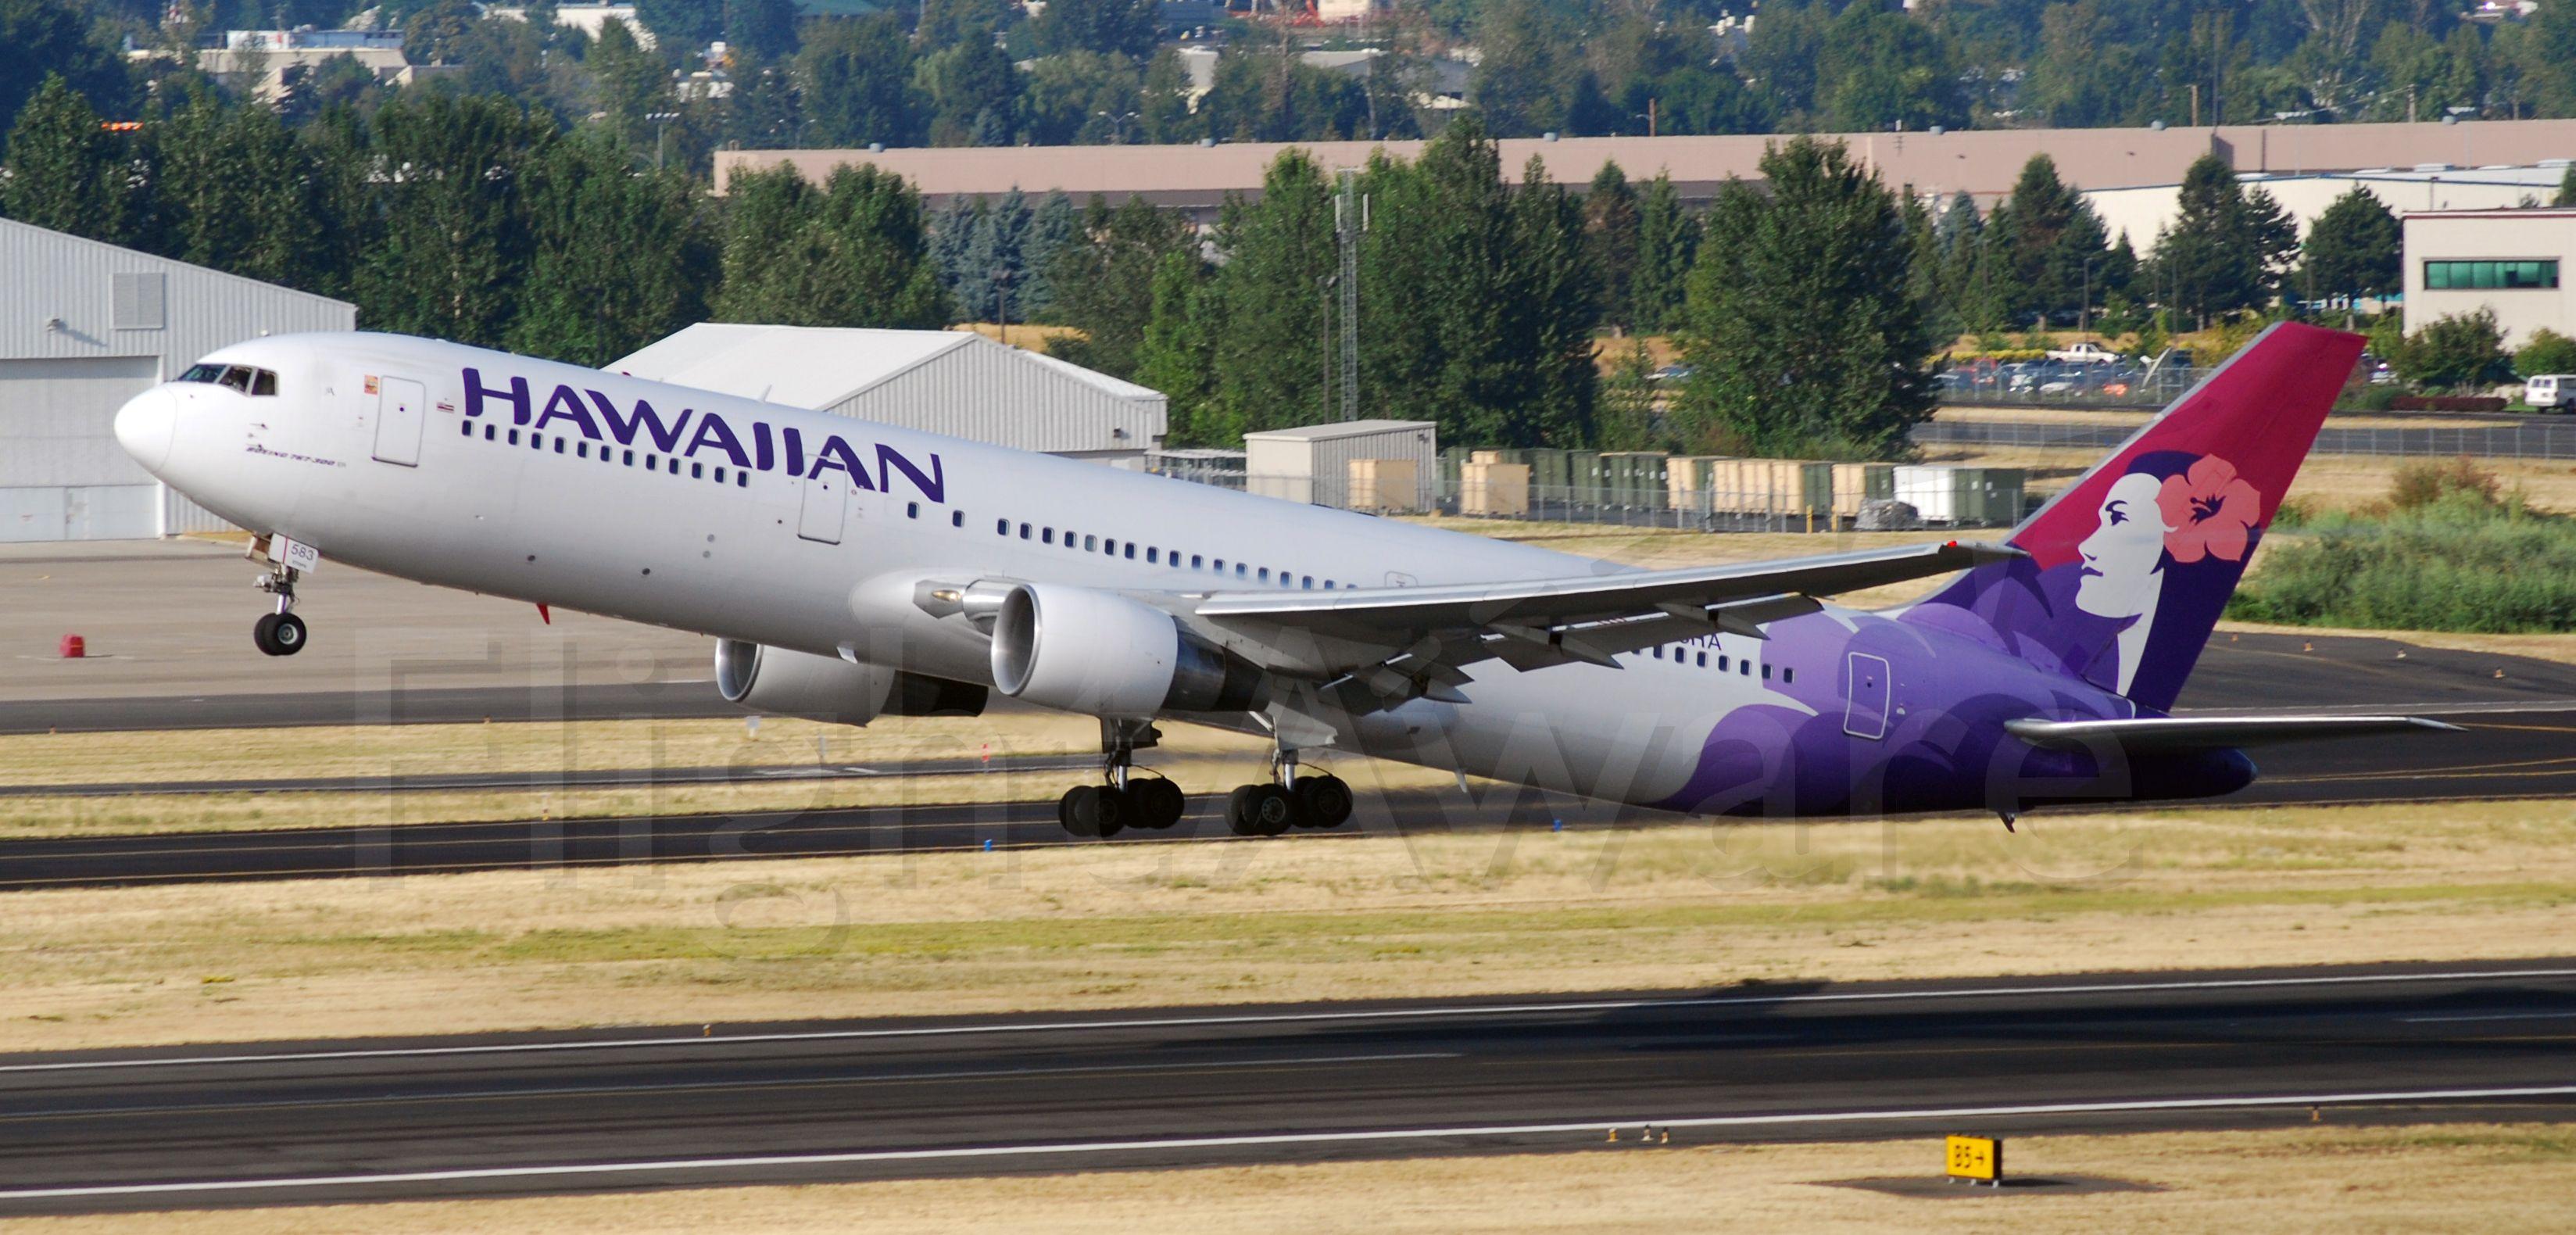 BOEING 767-300 (N583HA)